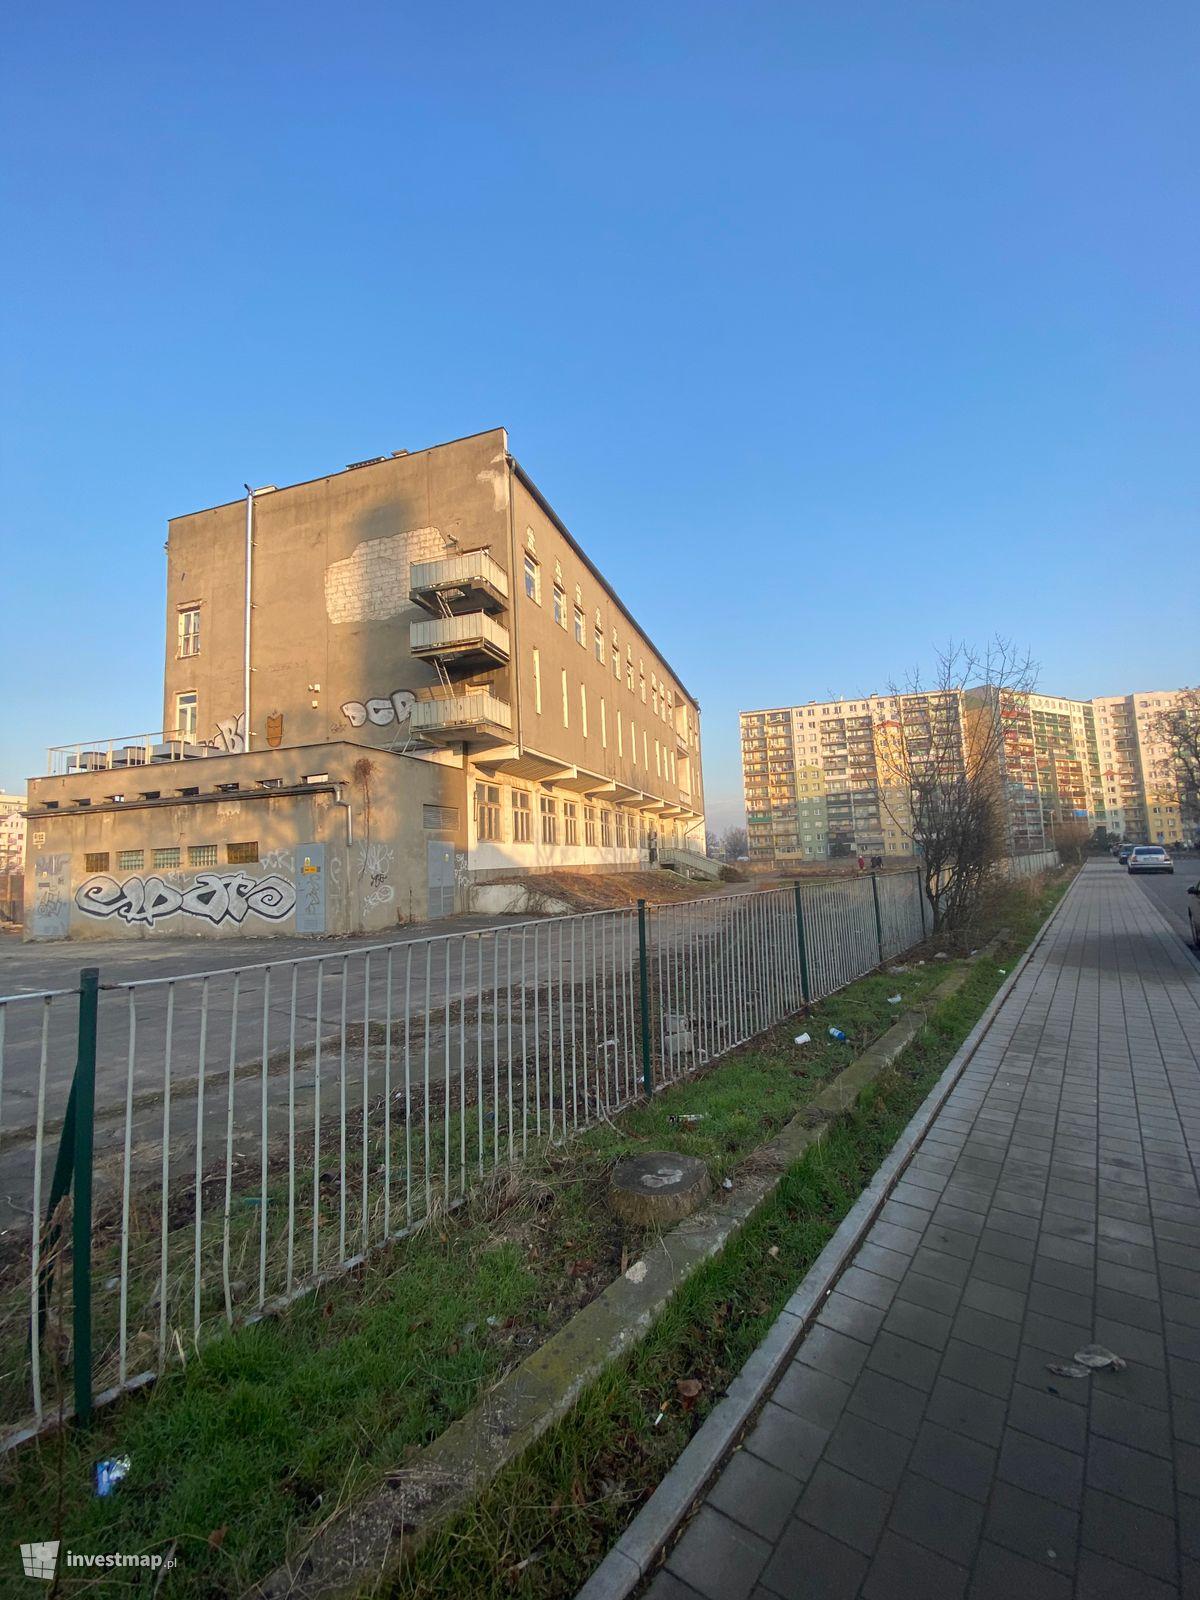 Zdjęcie Armii Krajowej 7 fot. Filip Heliasz